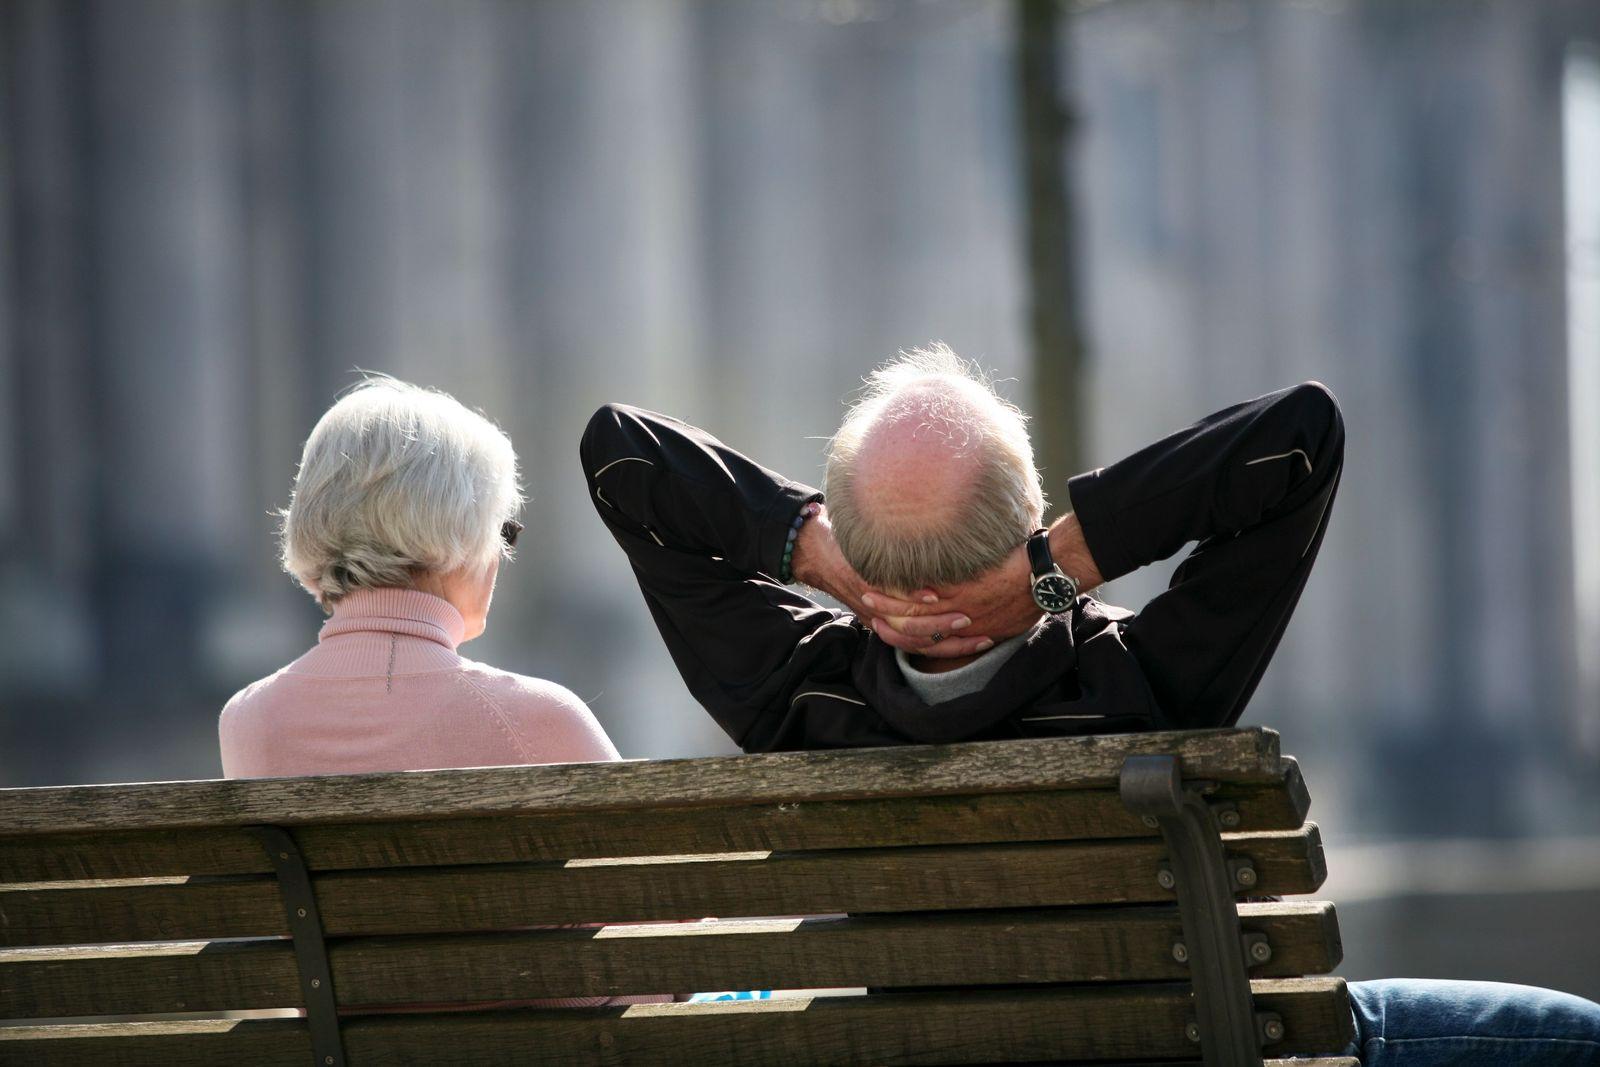 Altersvorsorge / Altersversorgung / Rente / Rentner